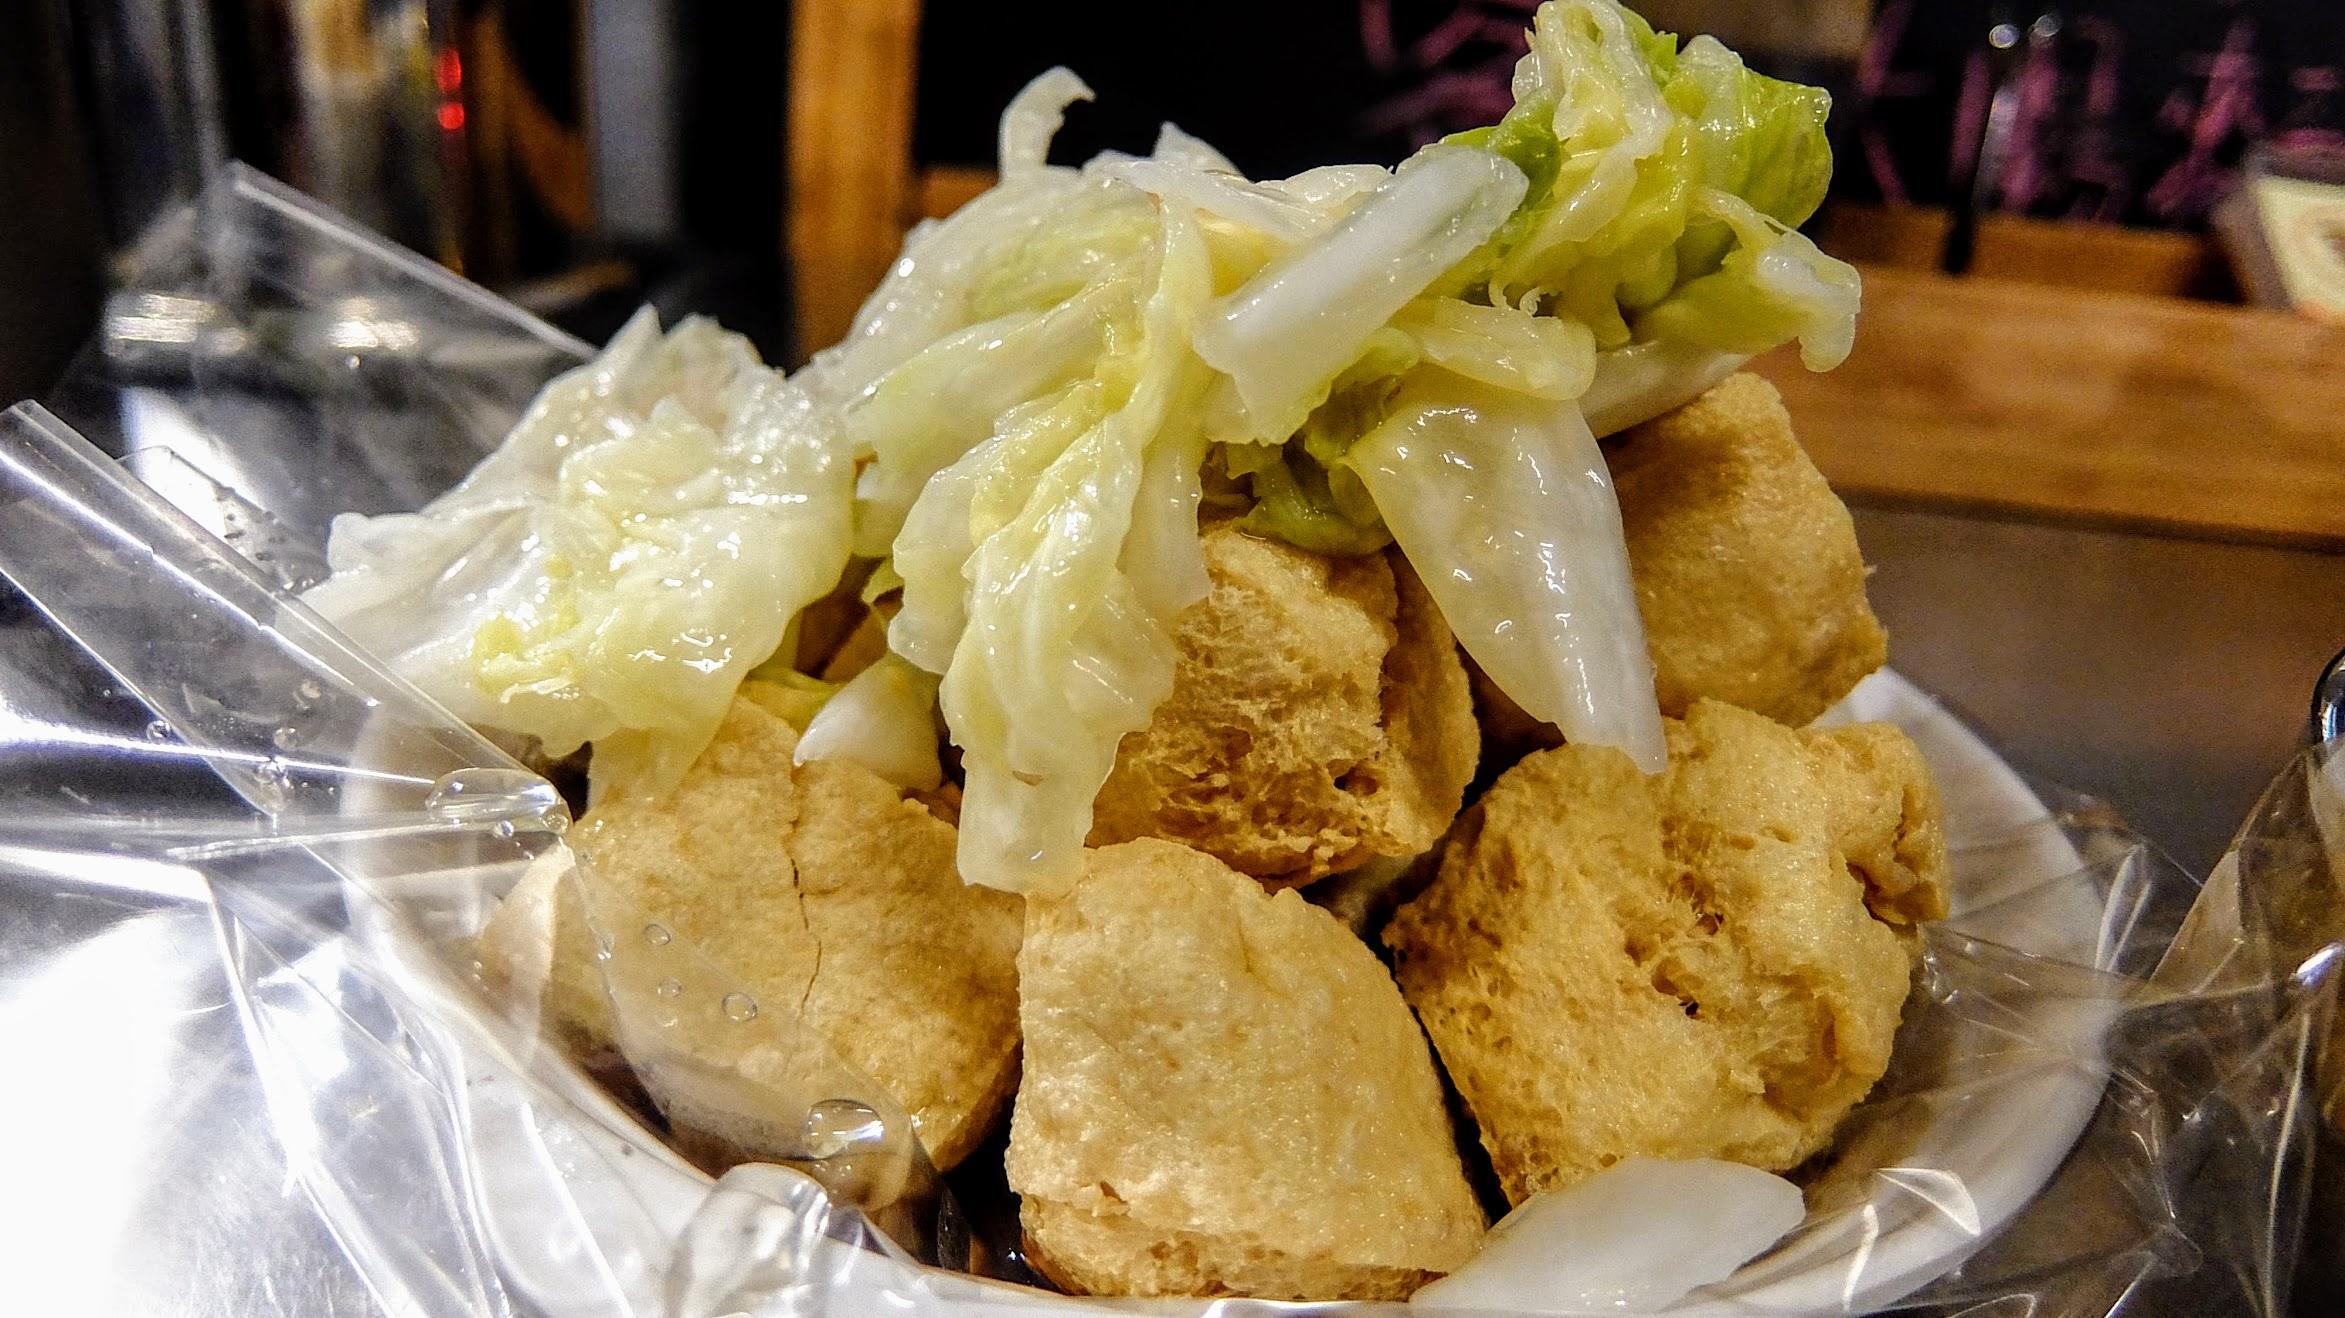 臭豆腐,這也是小份,看起來超多超澎湃的啊!!